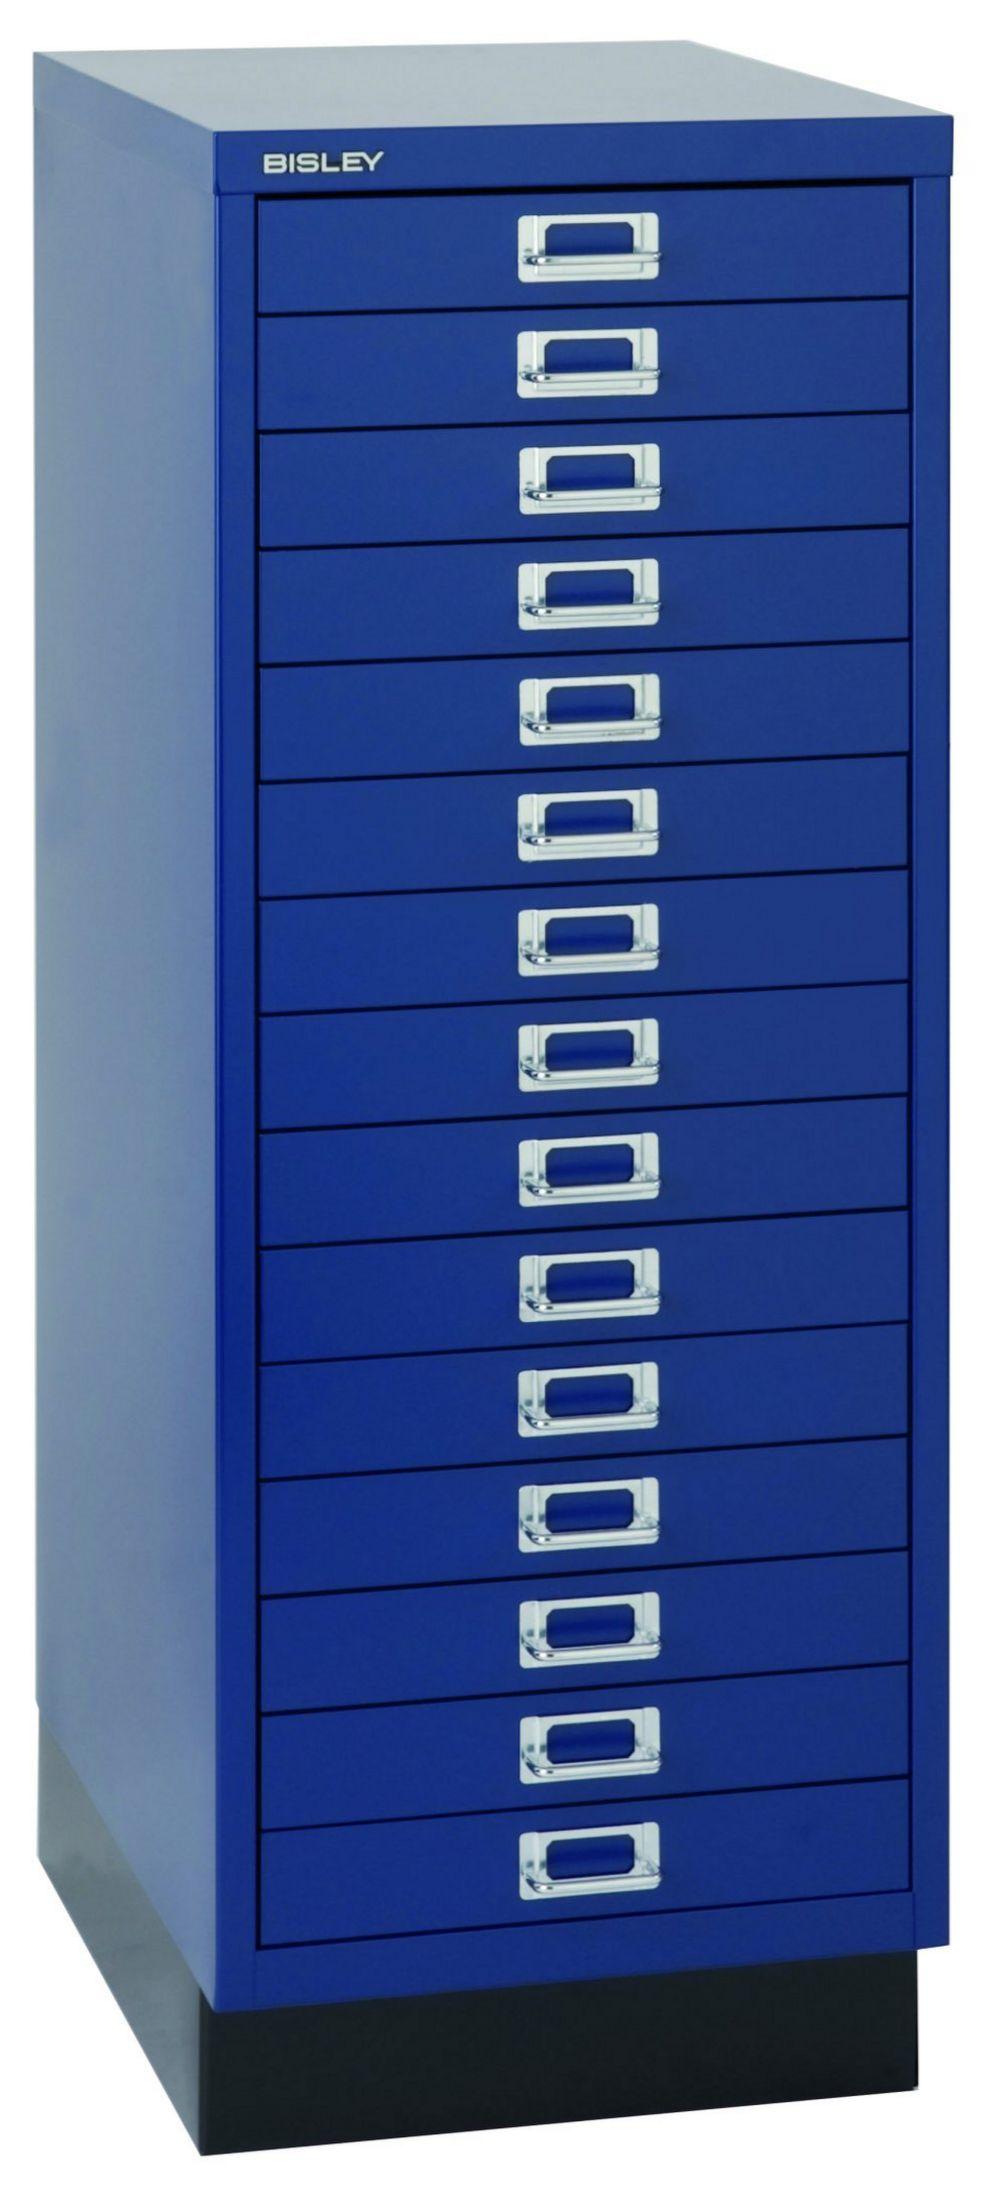 Büro-Schubladen-Metallschrank blau 9 Schubladen